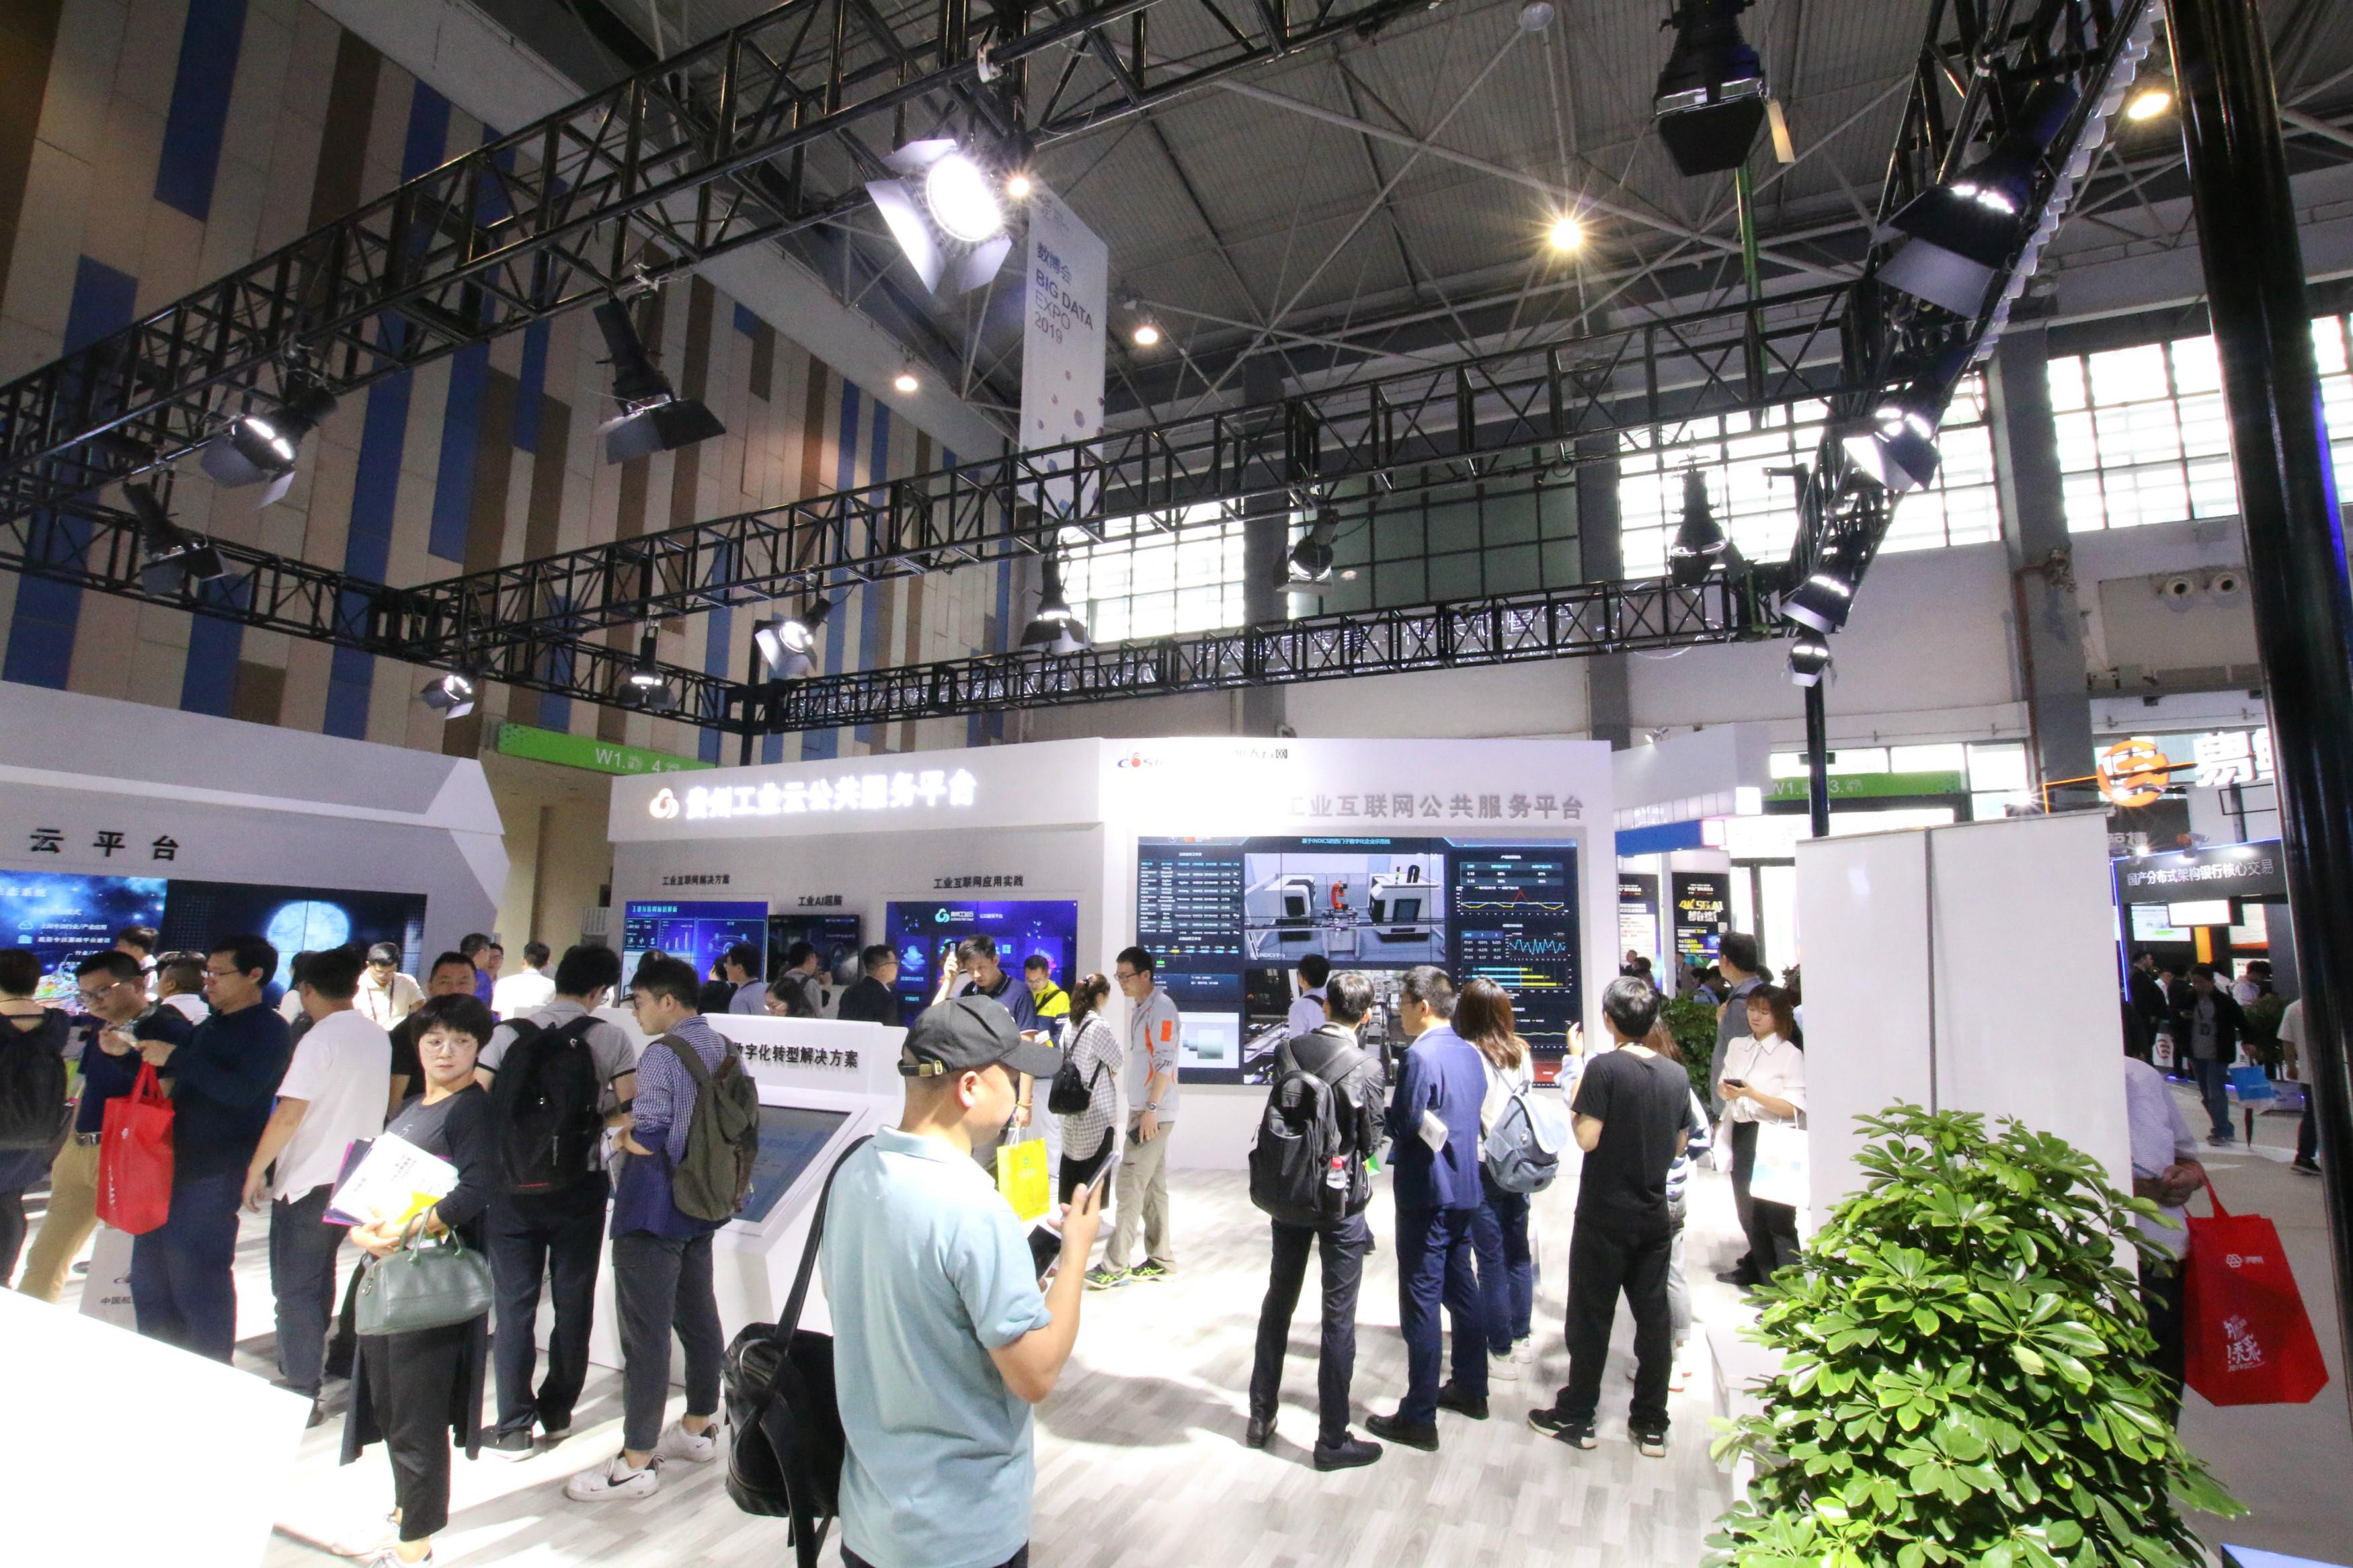 2019中国国际大数据产业博览会 航天云网备受瞩目